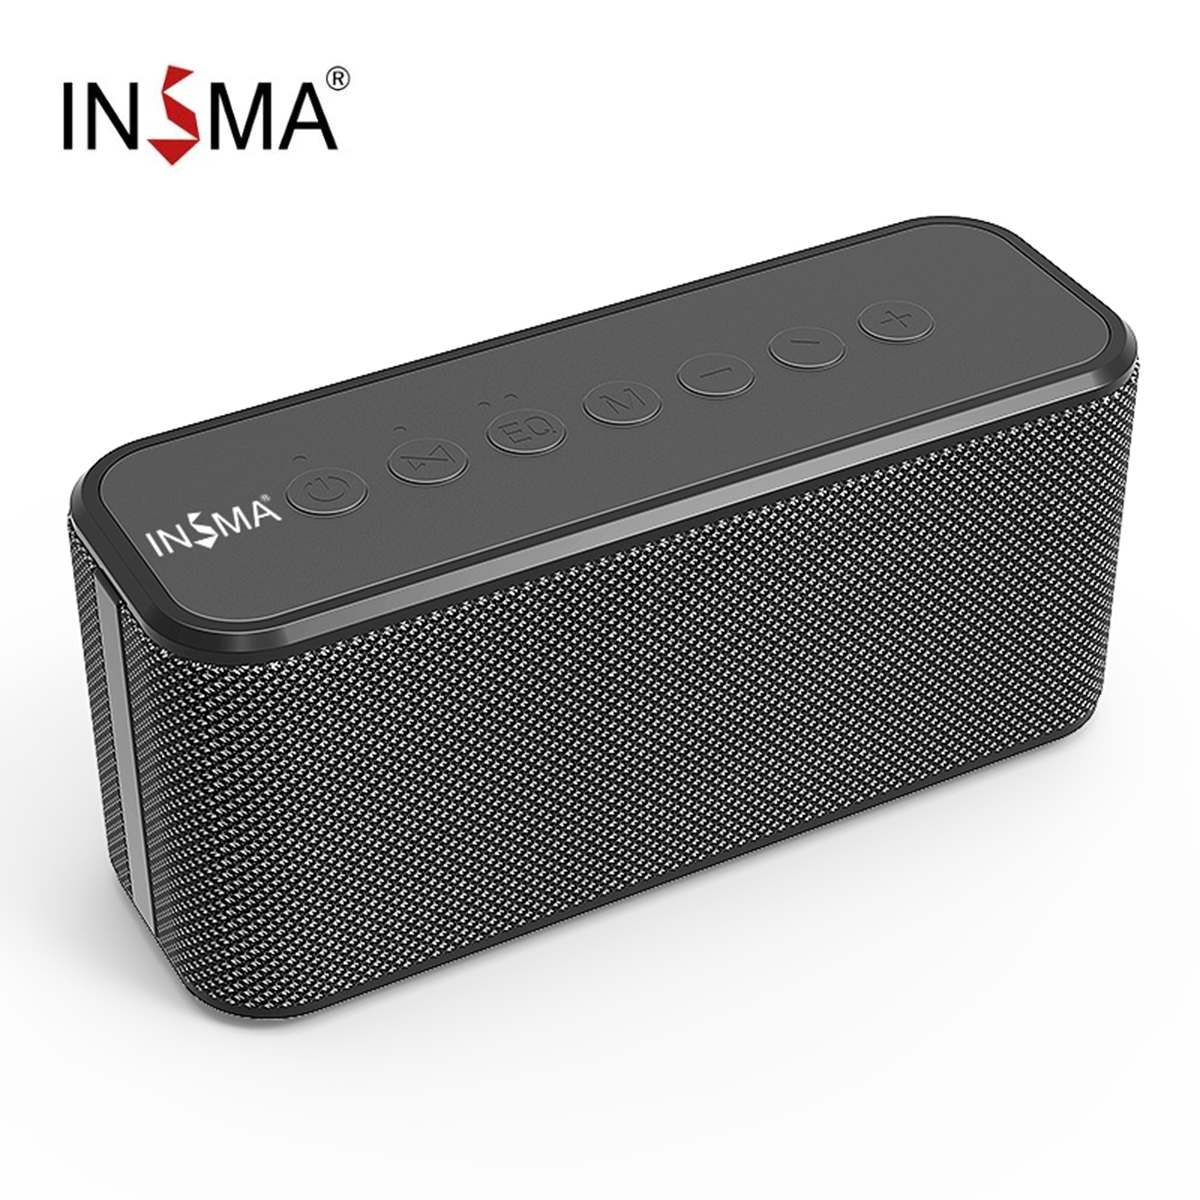 INSMA 80W مكبر صوت بخاصية البلوتوث قابل للنقل مع 2*20w مضخمات الطاقة و 40w باس رئيس 10400mAh قوة البنك وظيفة المسرح المنزلي